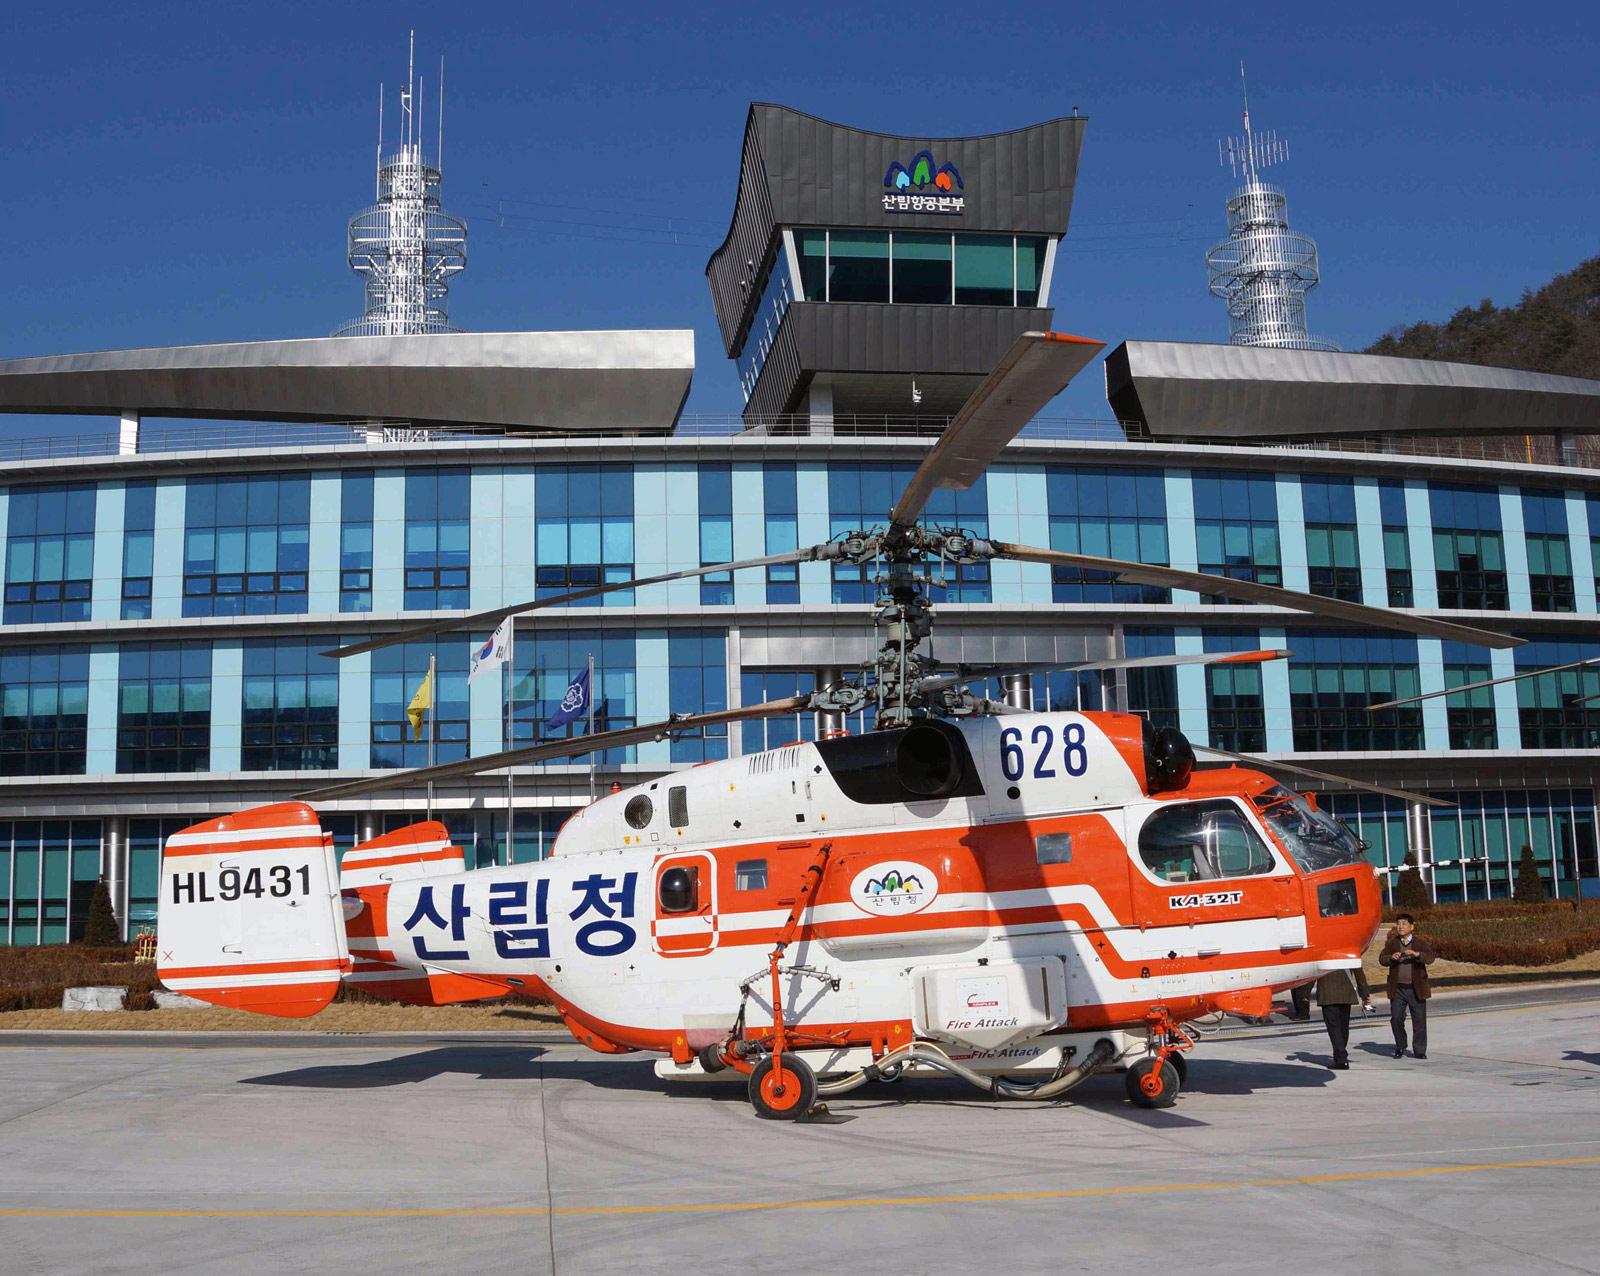 Транспортный и поисково-спасательный вертолет Ка-32Т.